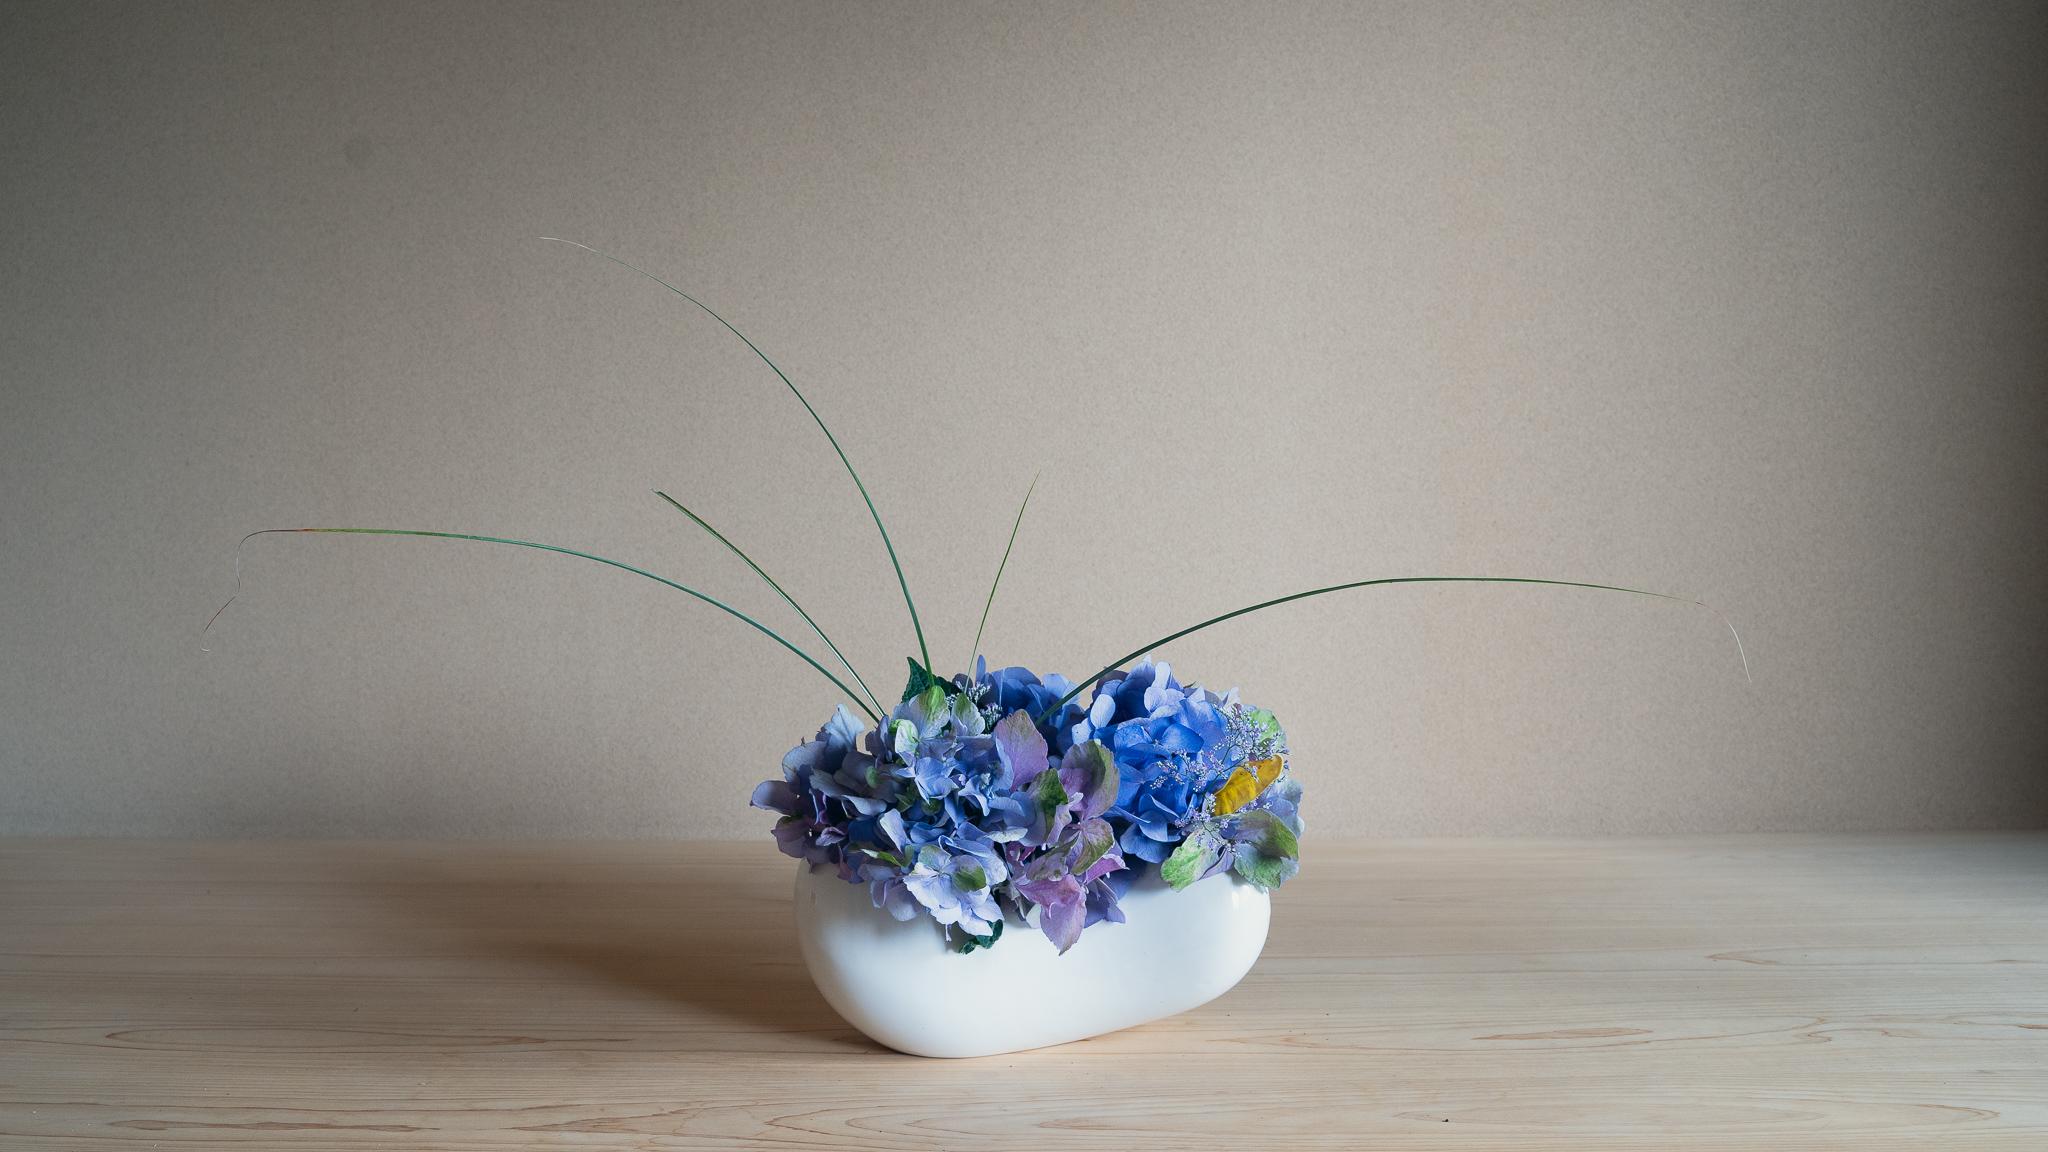 自由花 紫陽花、リモニウム、ドラセナ、糸すすき